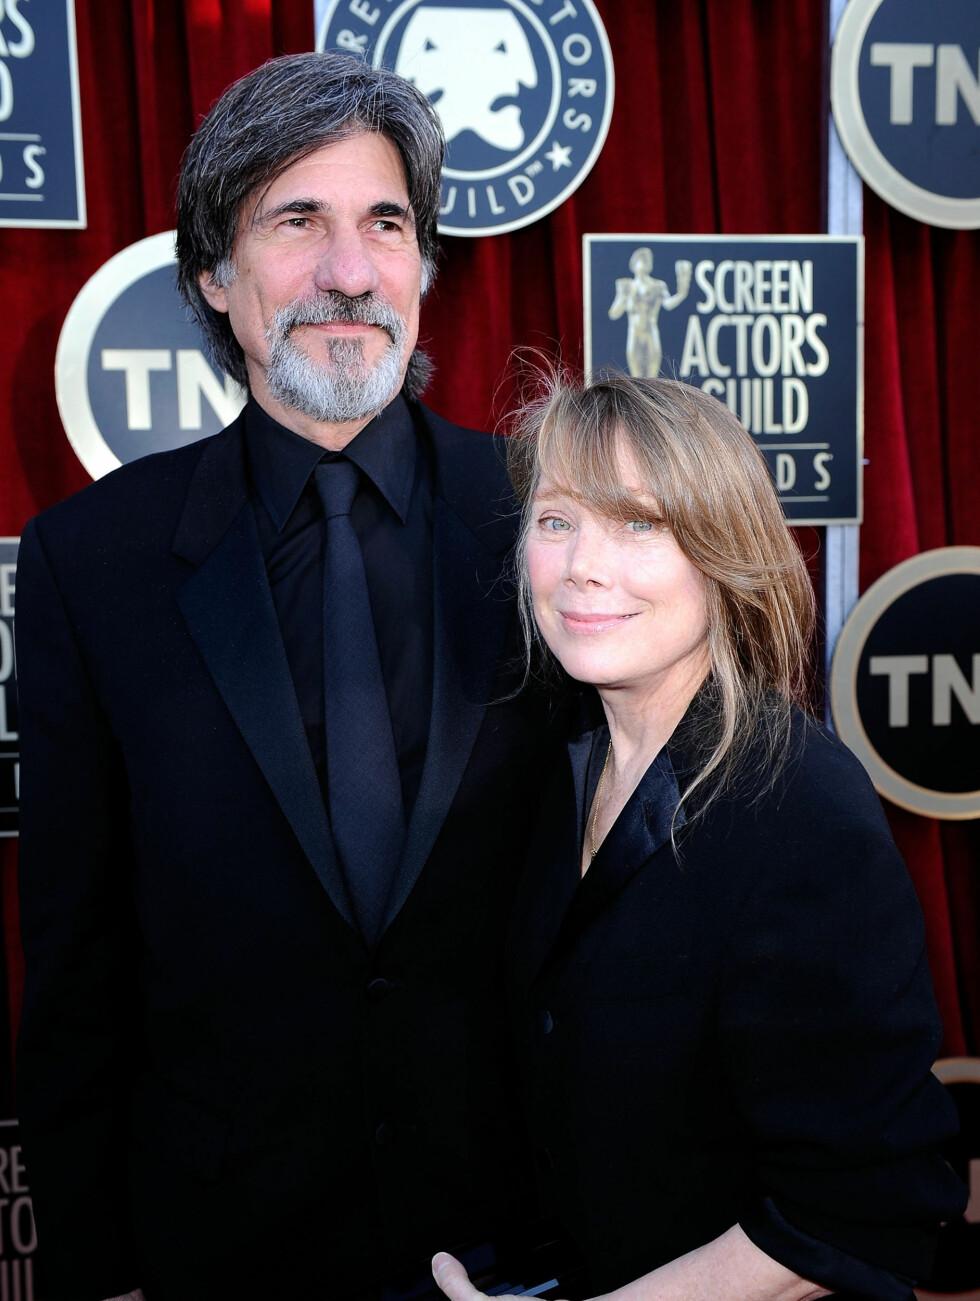 36 ÅR: Sissy Spacek (62) er kjent fra filmer som «Carrie» og «Coal Miners Daughter». Hun møtte Jack Fisk (66) på innspillingen av «Badlands», og paret har to barn sammen.  Foto: All Over Press